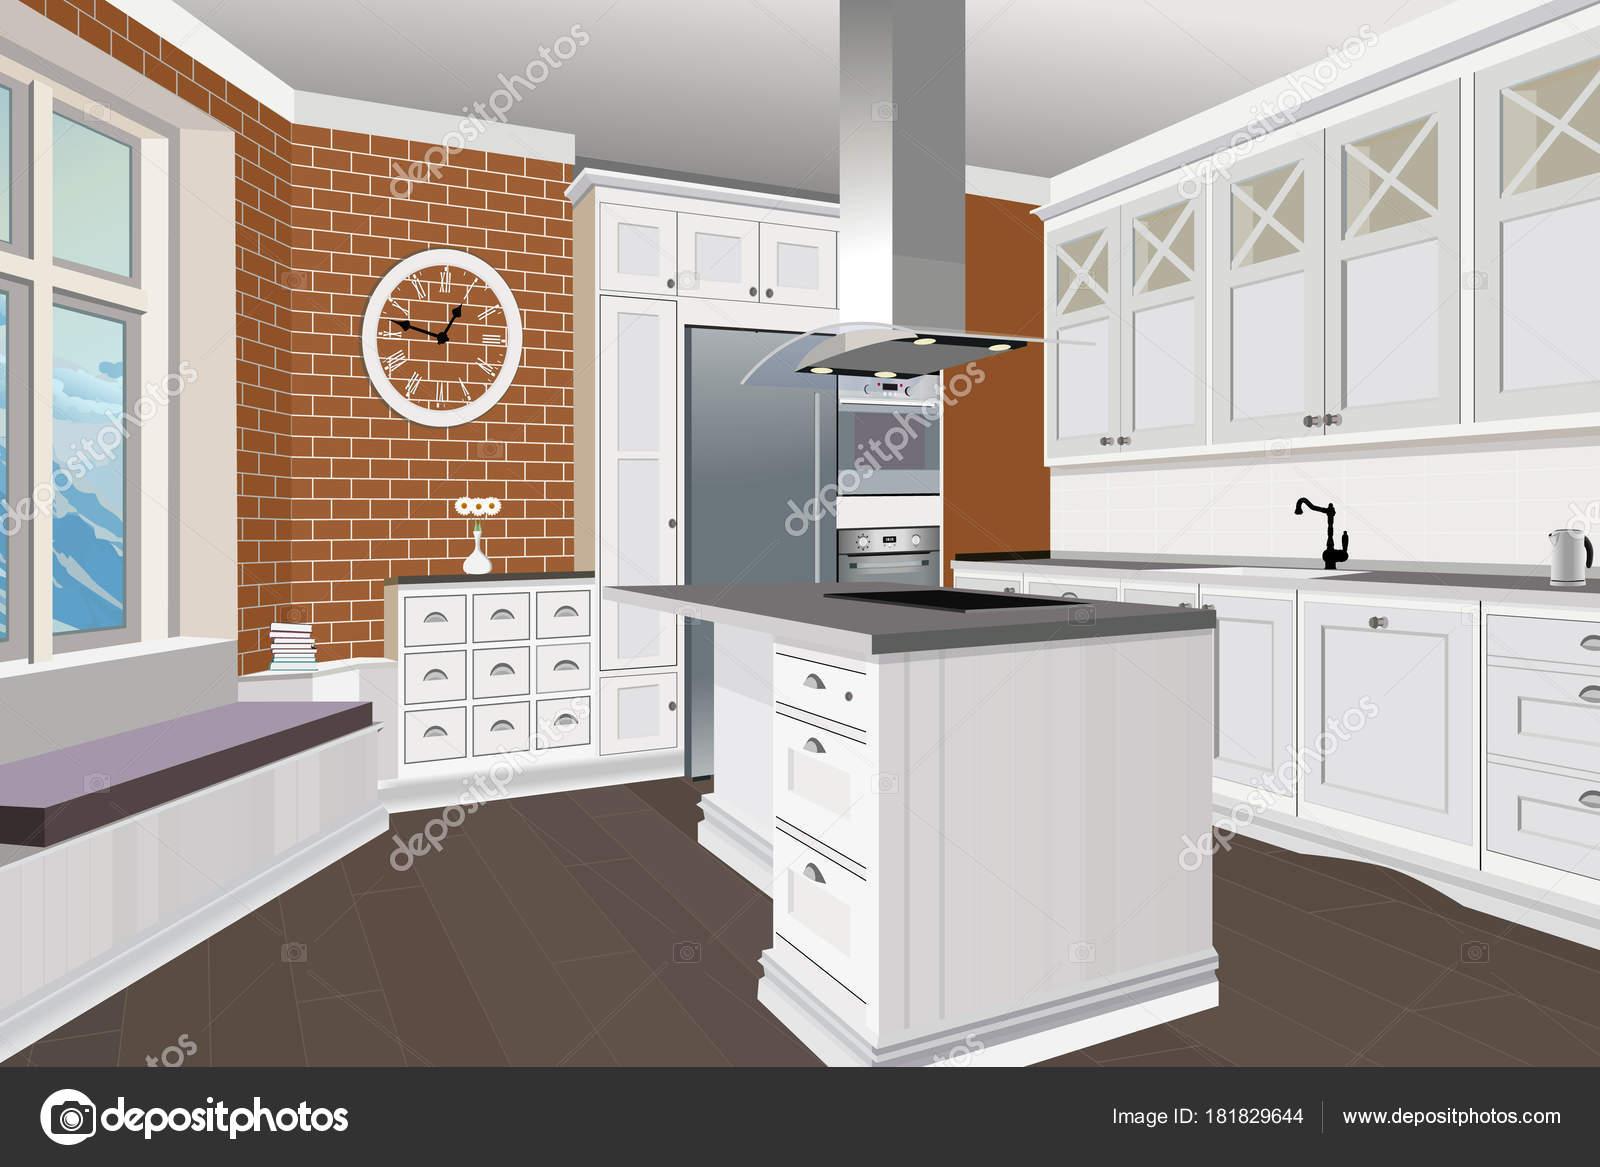 Fondo interno di cucina con mobili. Disegno della cucina moderna ...